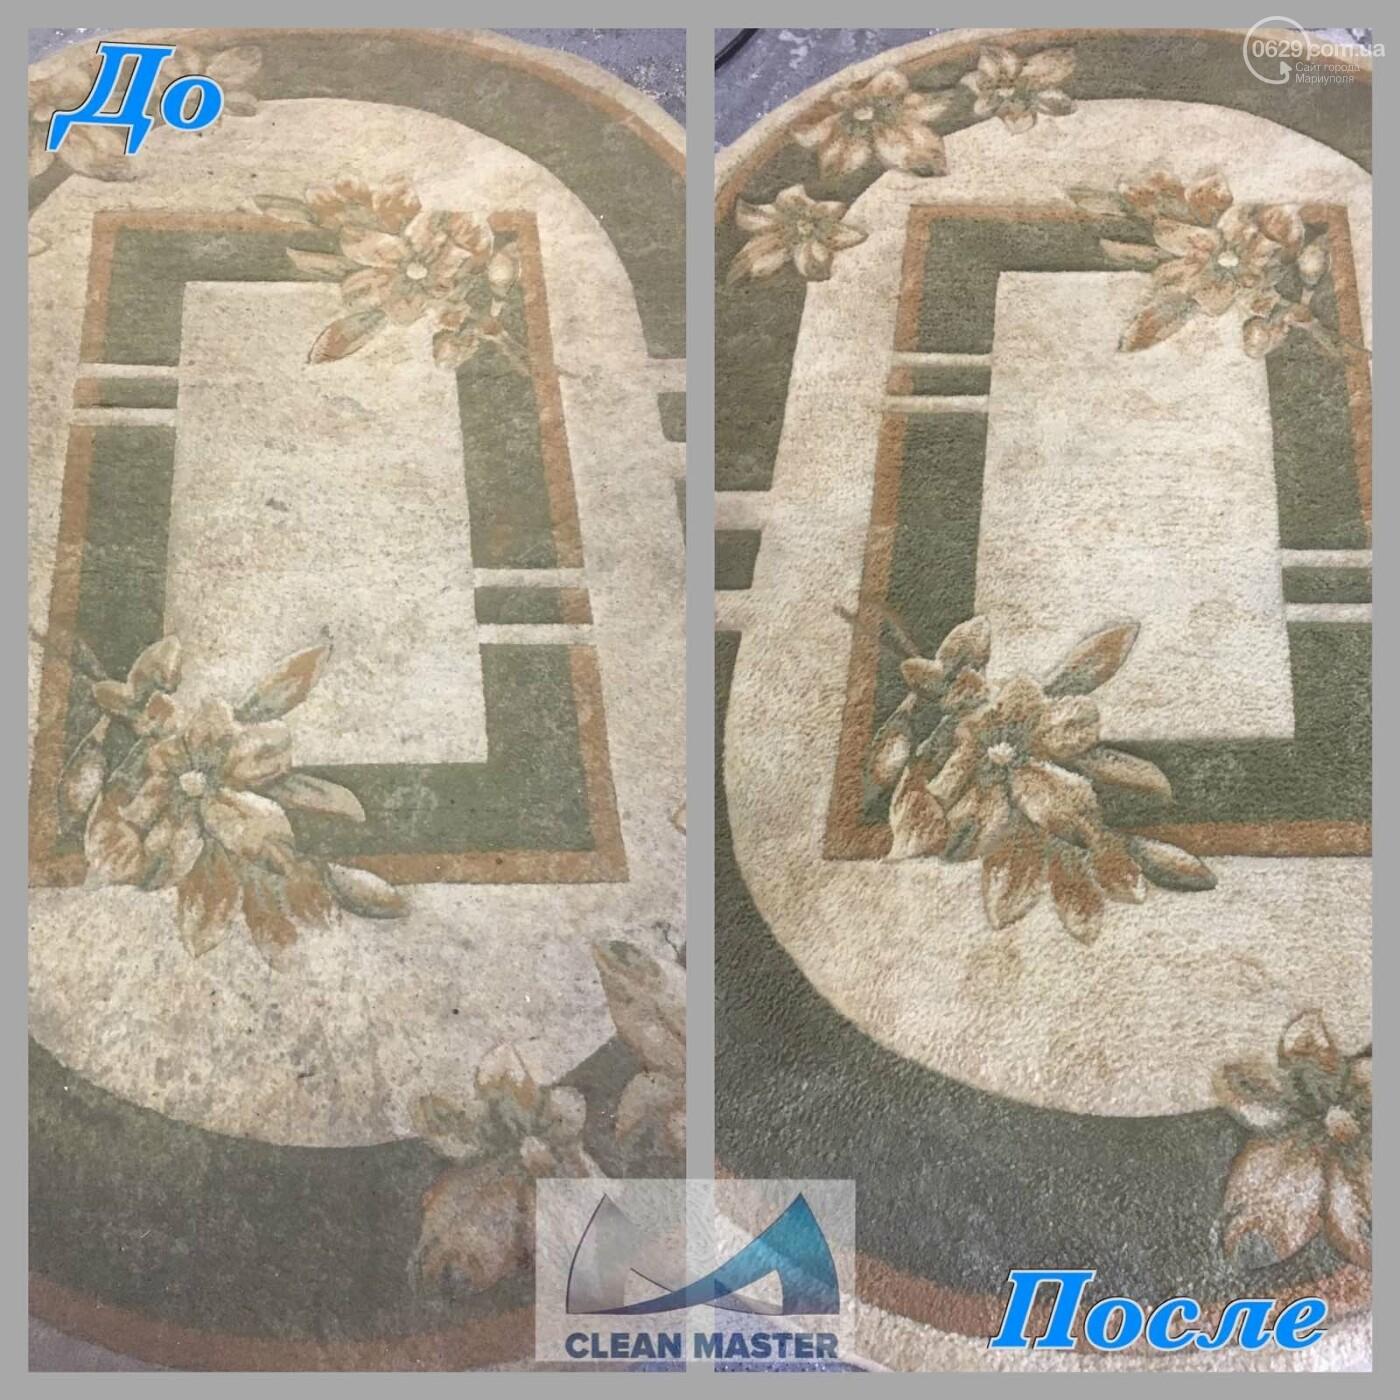 Фабрика стирки ковров - профессиональная химчистка ковров в Мариуполе, фото-9